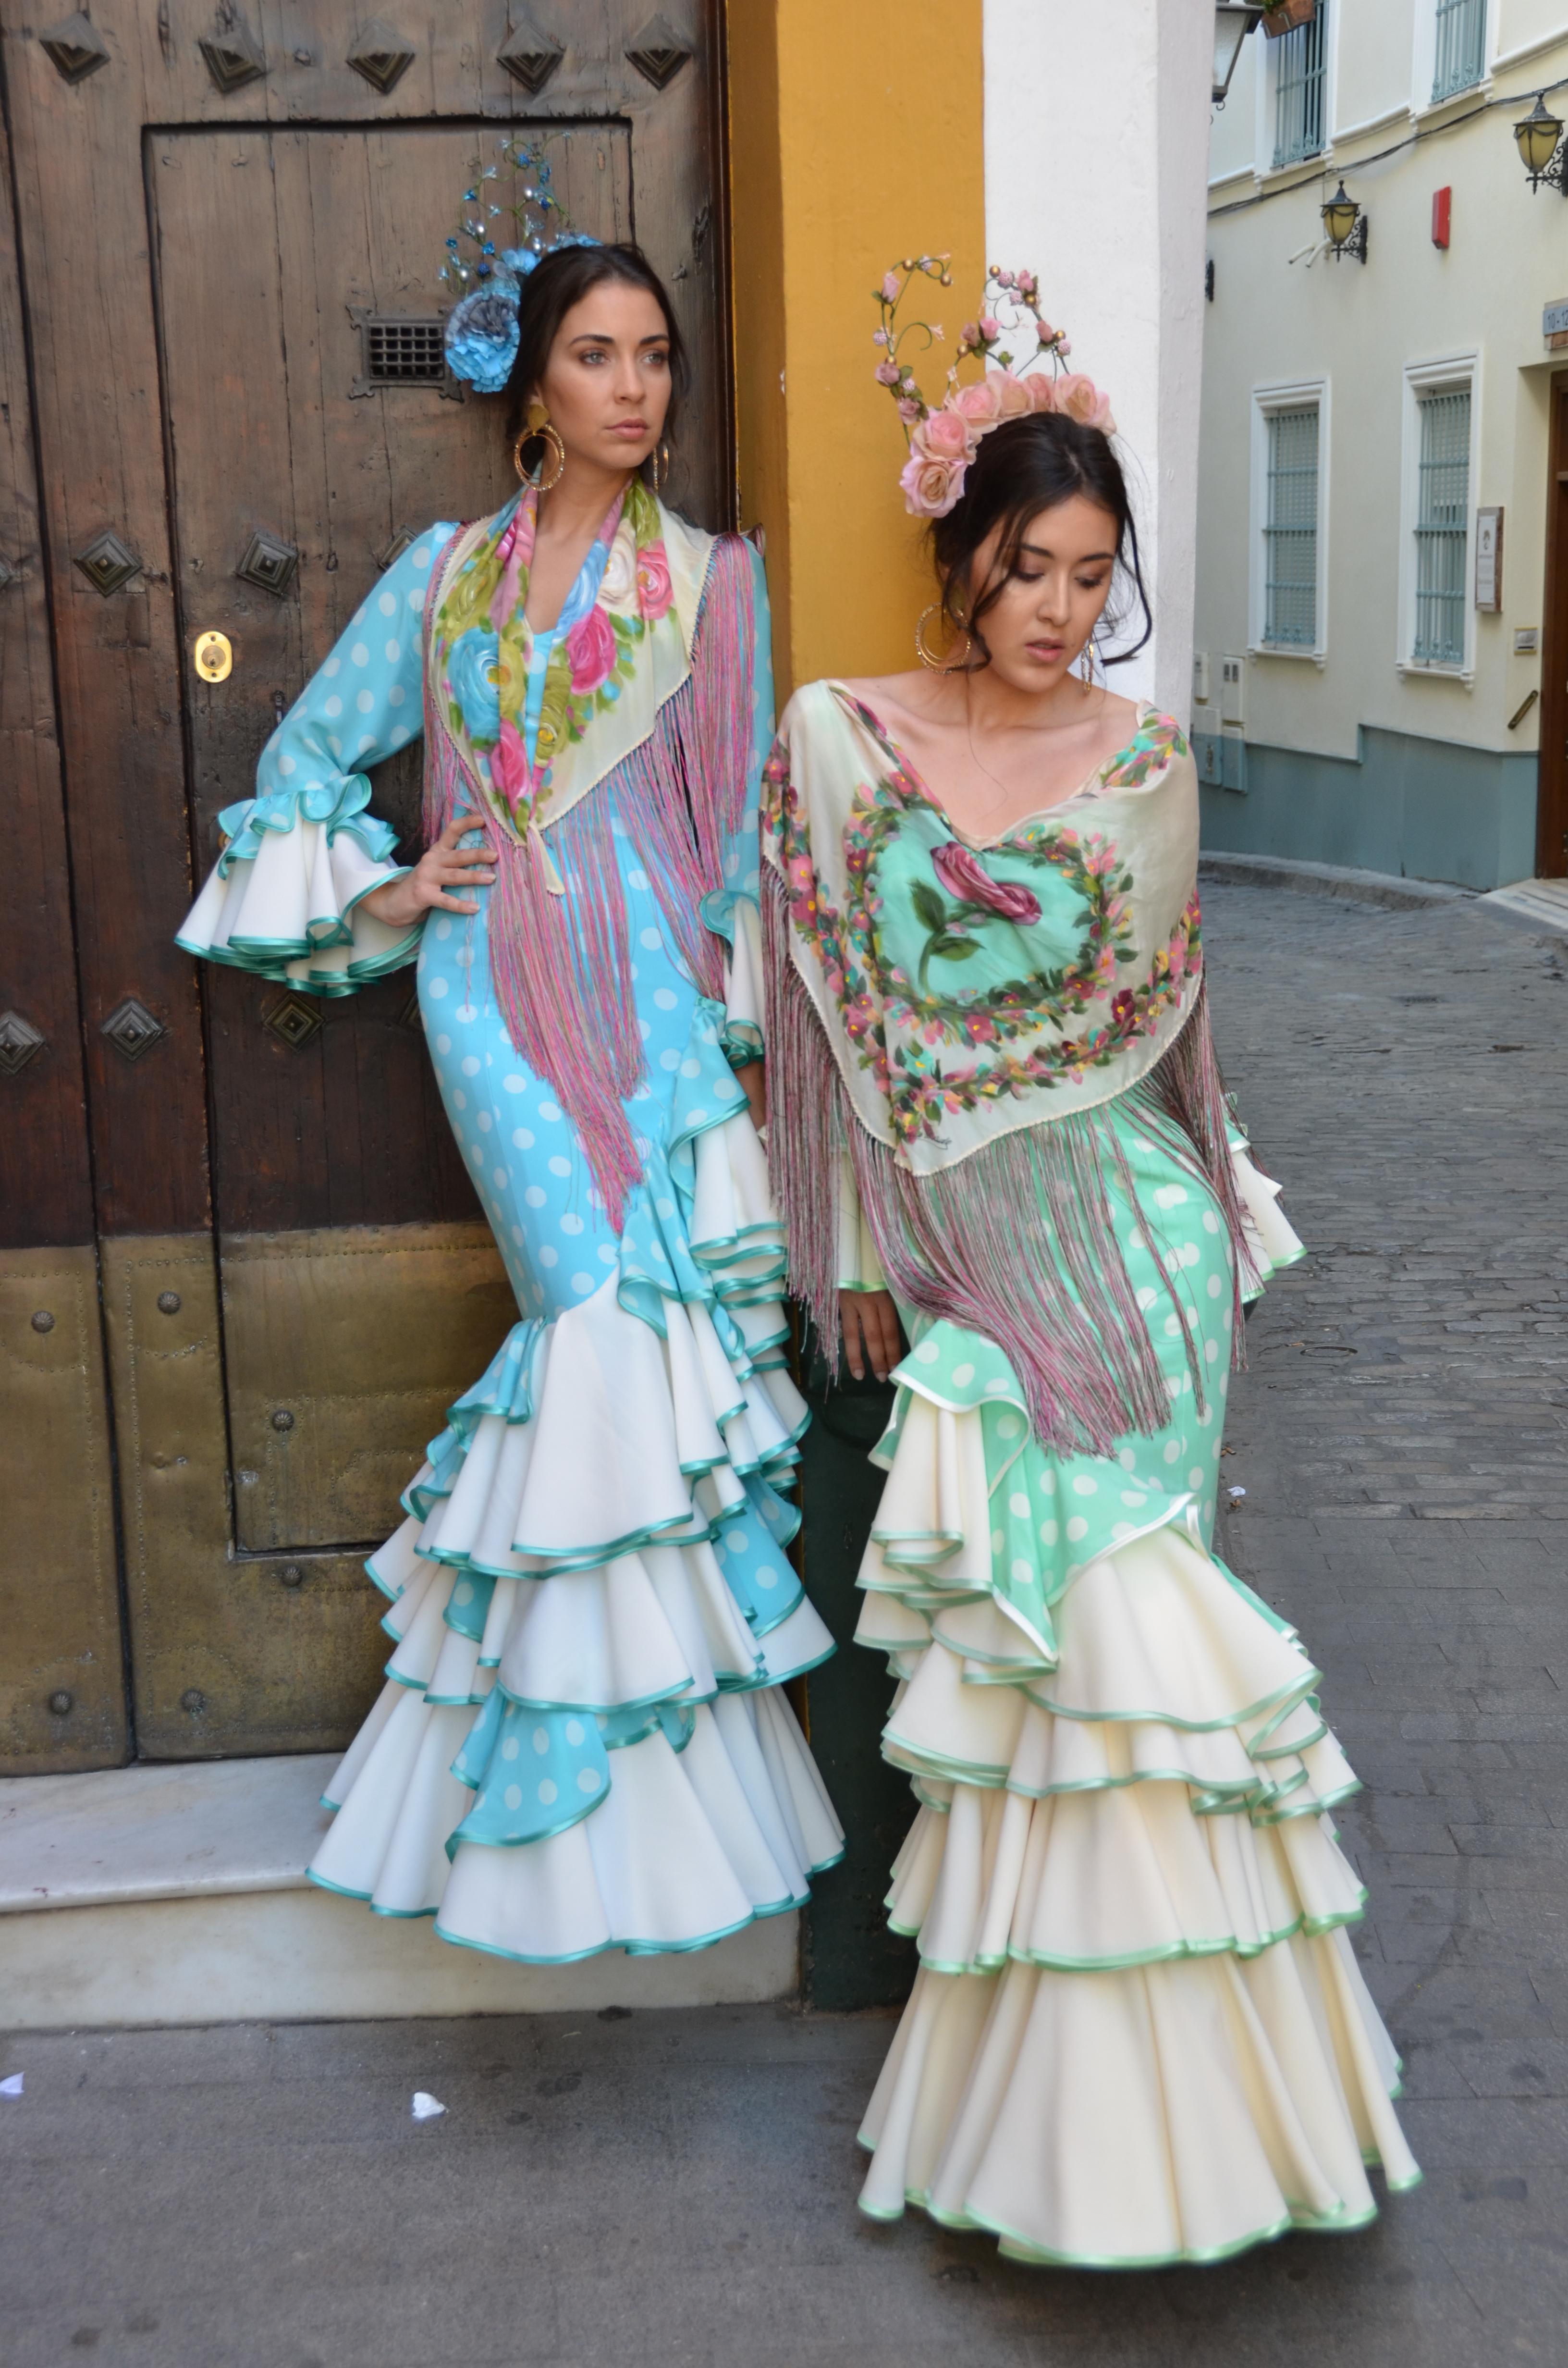 angelesverano-flamencas-aguamarina-turqu